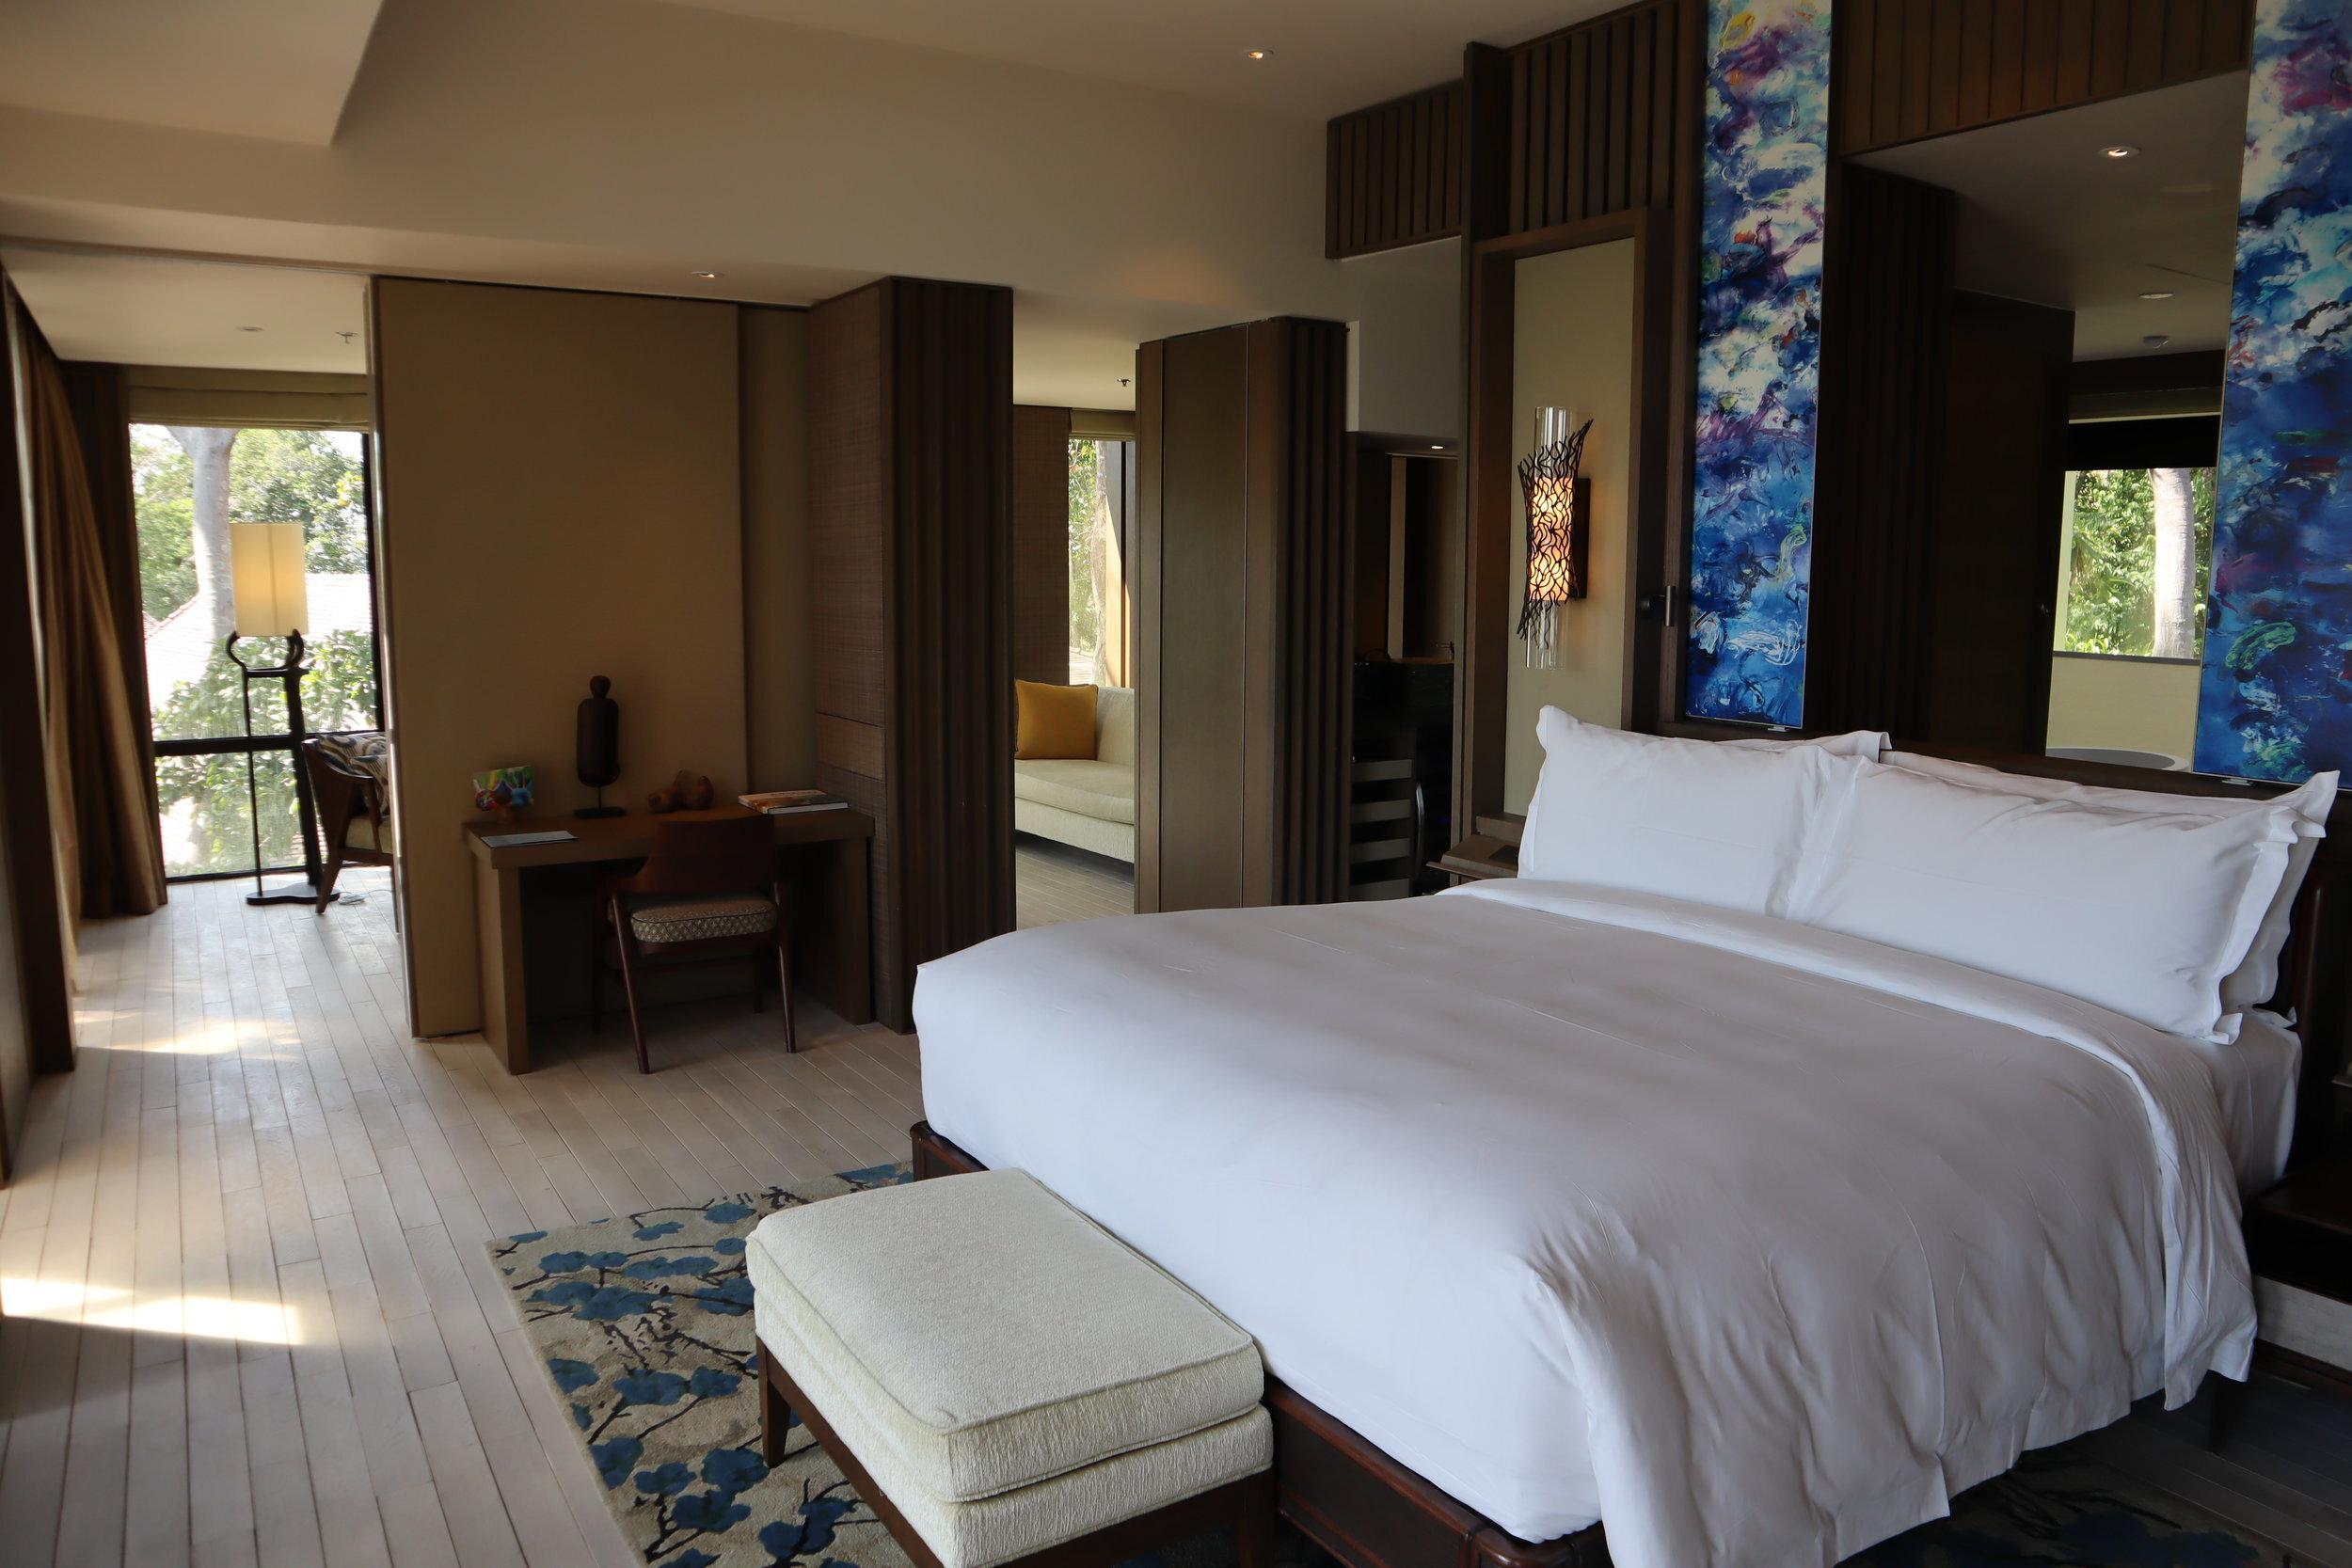 The-Ritz-Carlton-Langkawi-4.jpeg